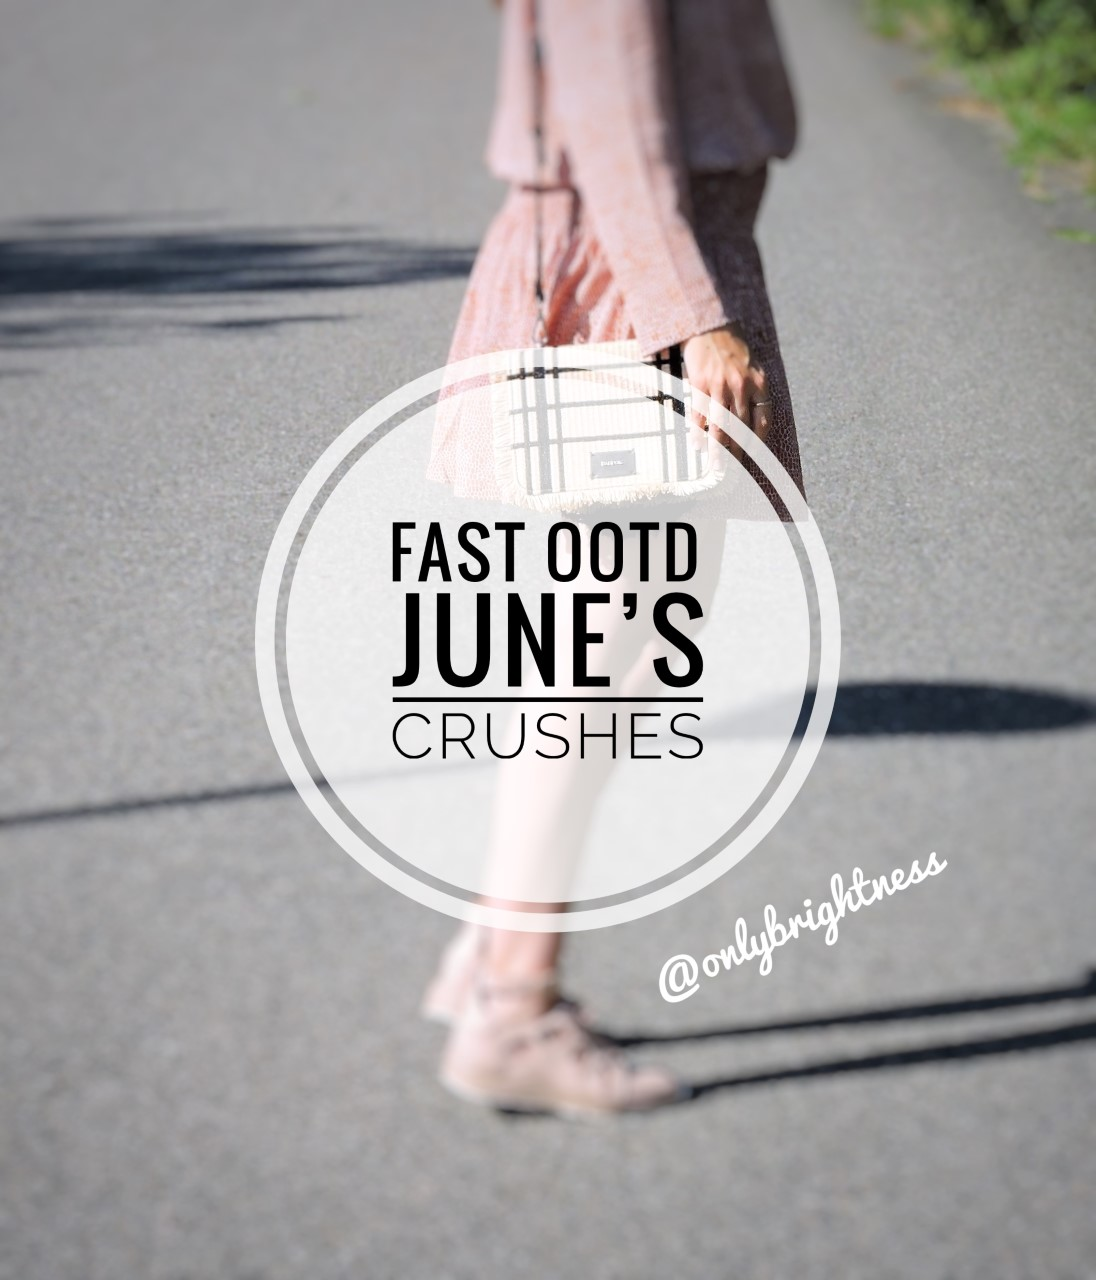 june s fav onlybrightness - June's Favorites